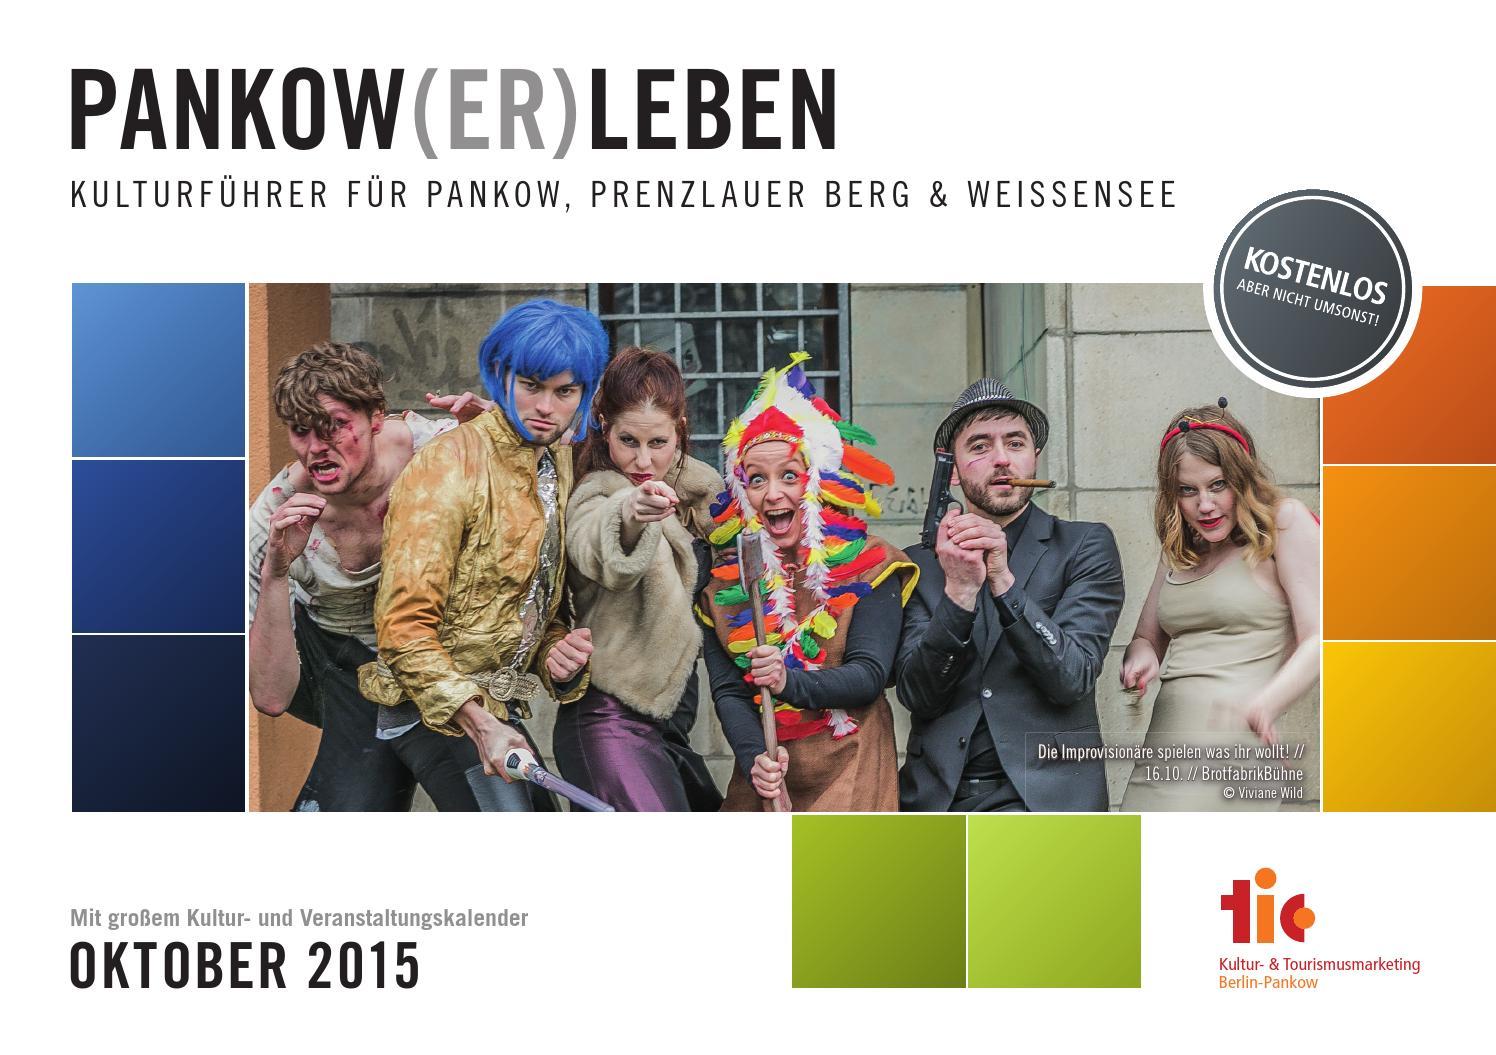 Kulturführer PANKOW(ER)LEBEN // Oktober 2015 by IN TOUCH